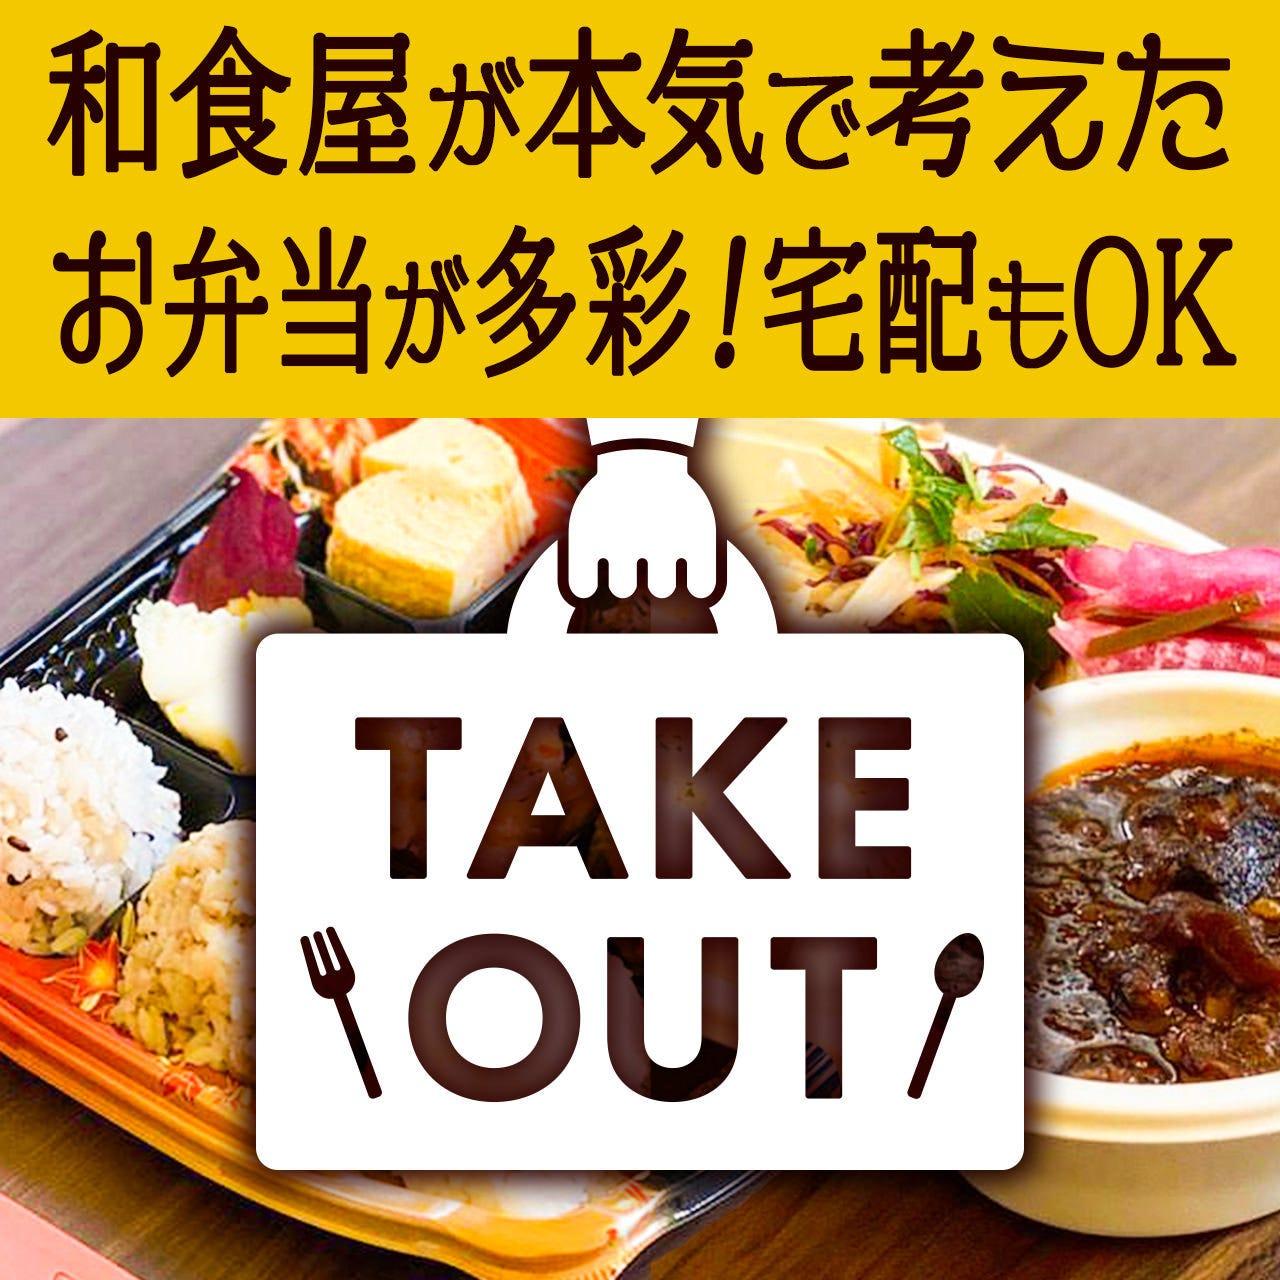 自宅で楽しむ和食屋のお弁当600円~